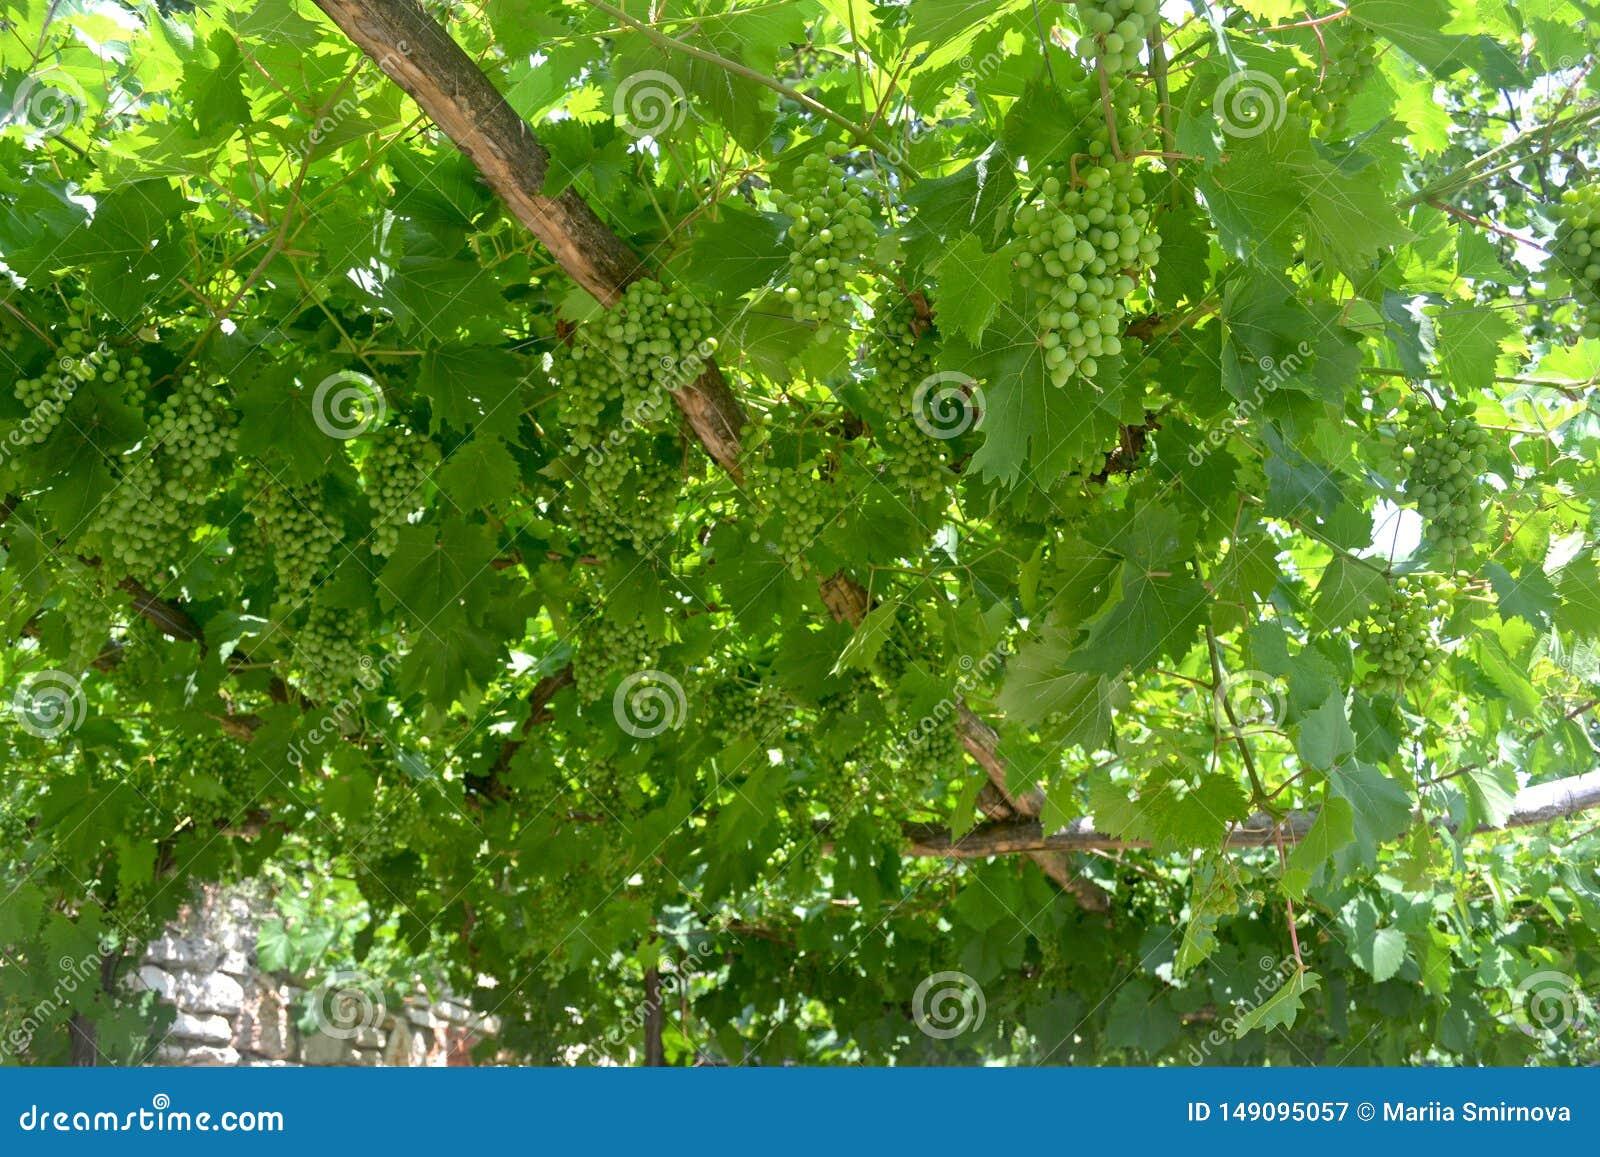 Zielony gronowy winograd na błękitnym tle Lata t?o